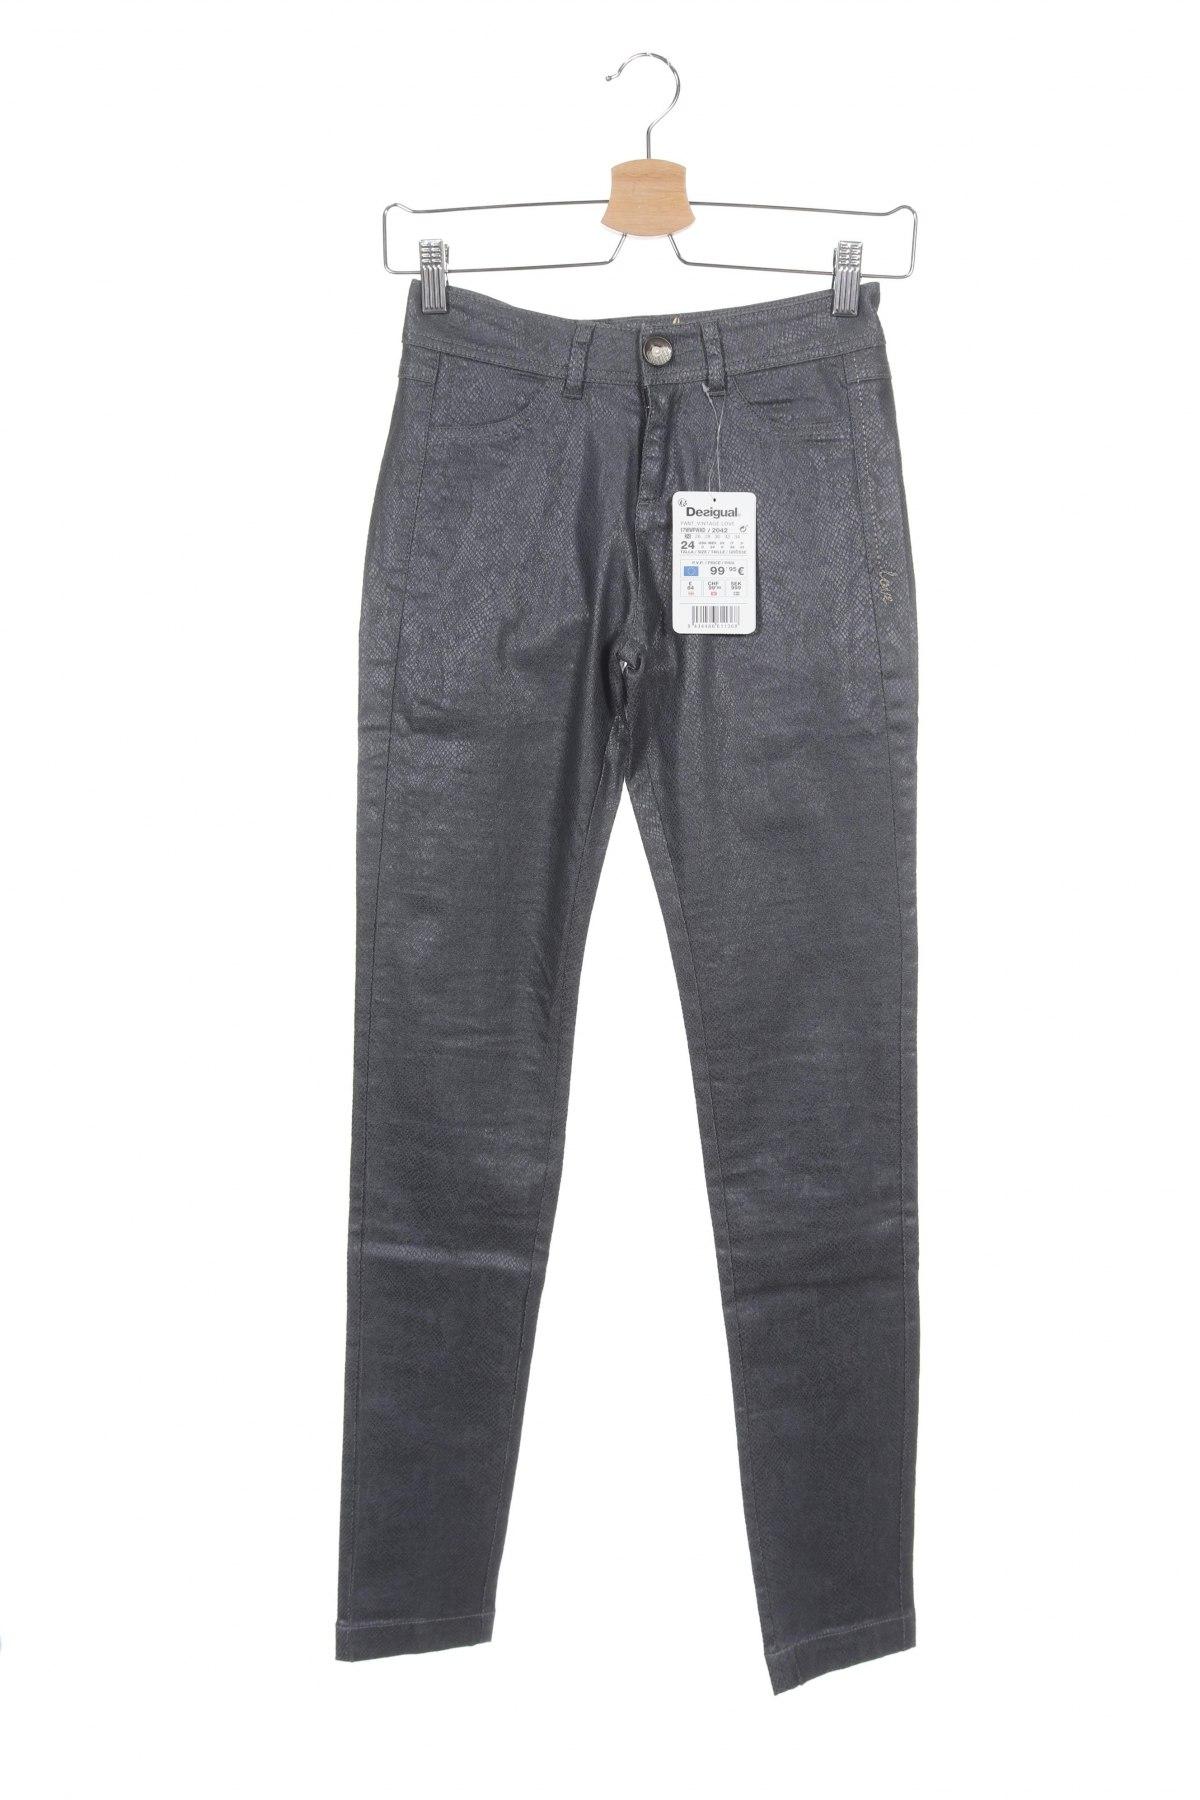 Дамски панталон Desigual, Размер XS, Цвят Сив, 74% памук, 24% полиестер, 2% еластан, Цена 126,75лв.